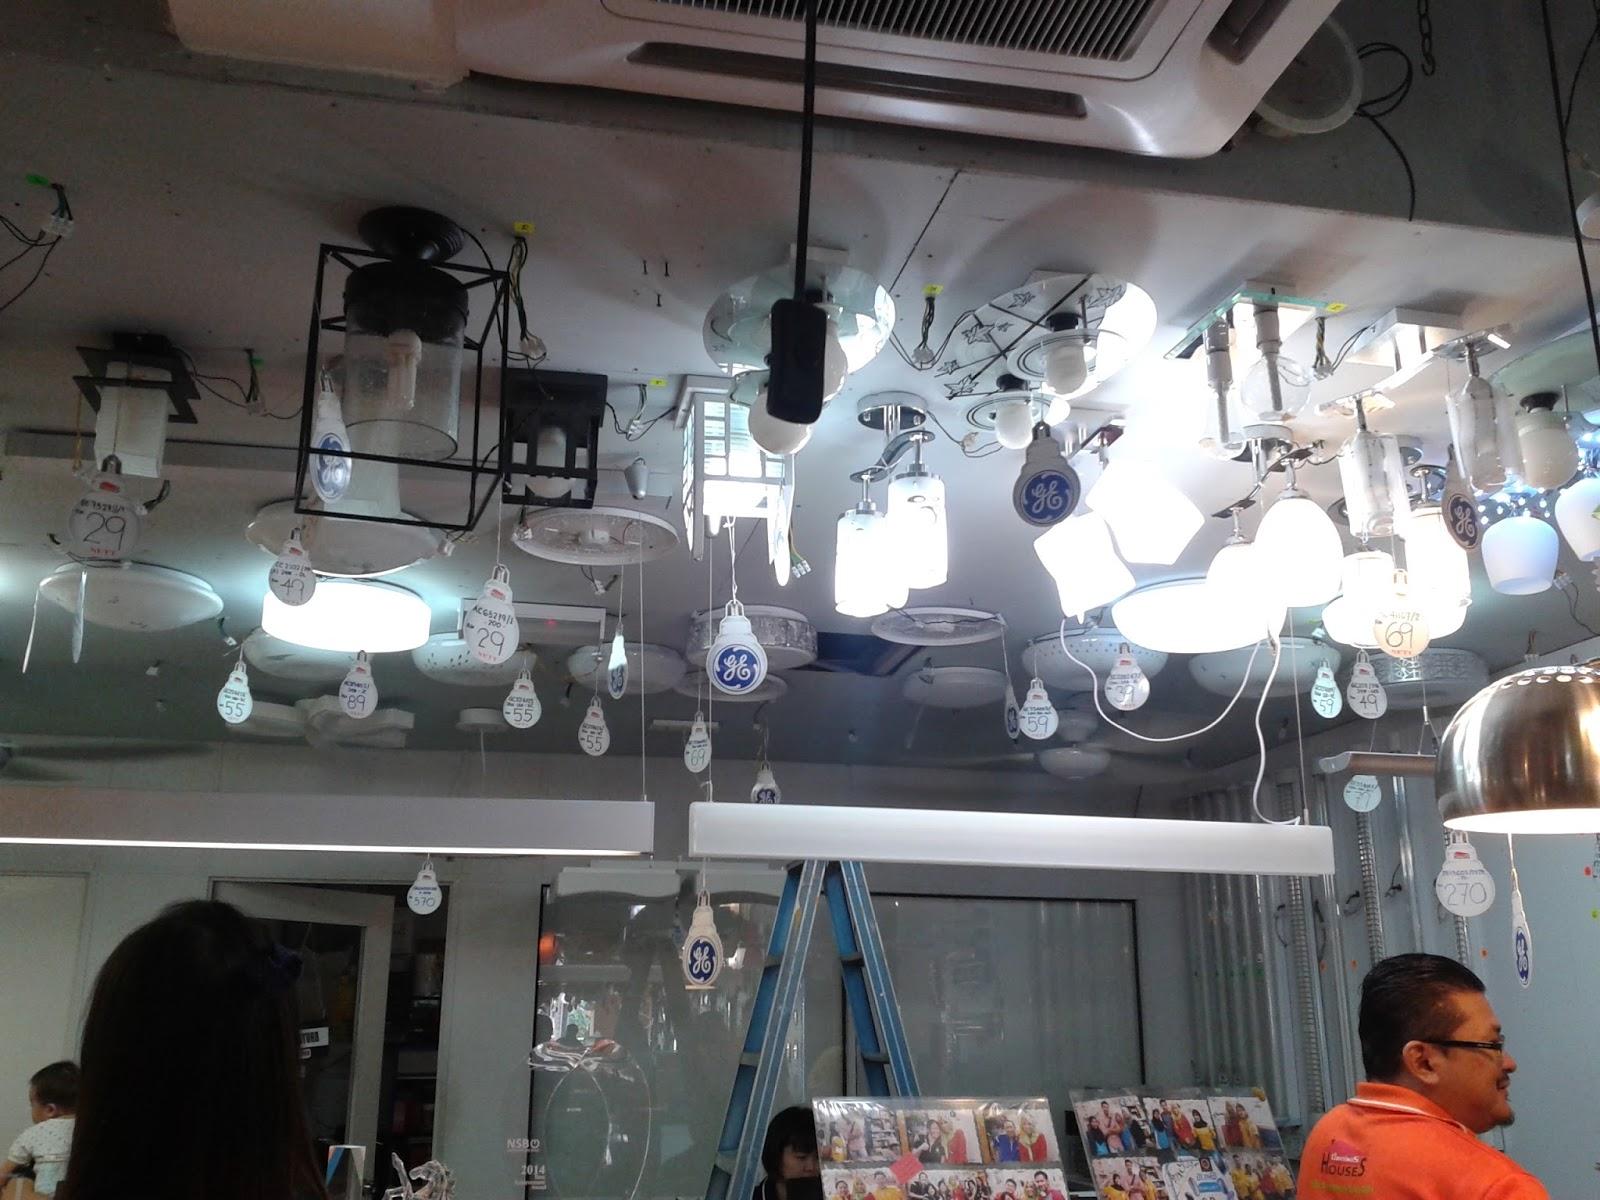 L&u² Murah @ House of Lighting Puchong & DIARI SUMYSYA *: Lampu² Murah @ House of Lighting Puchong azcodes.com